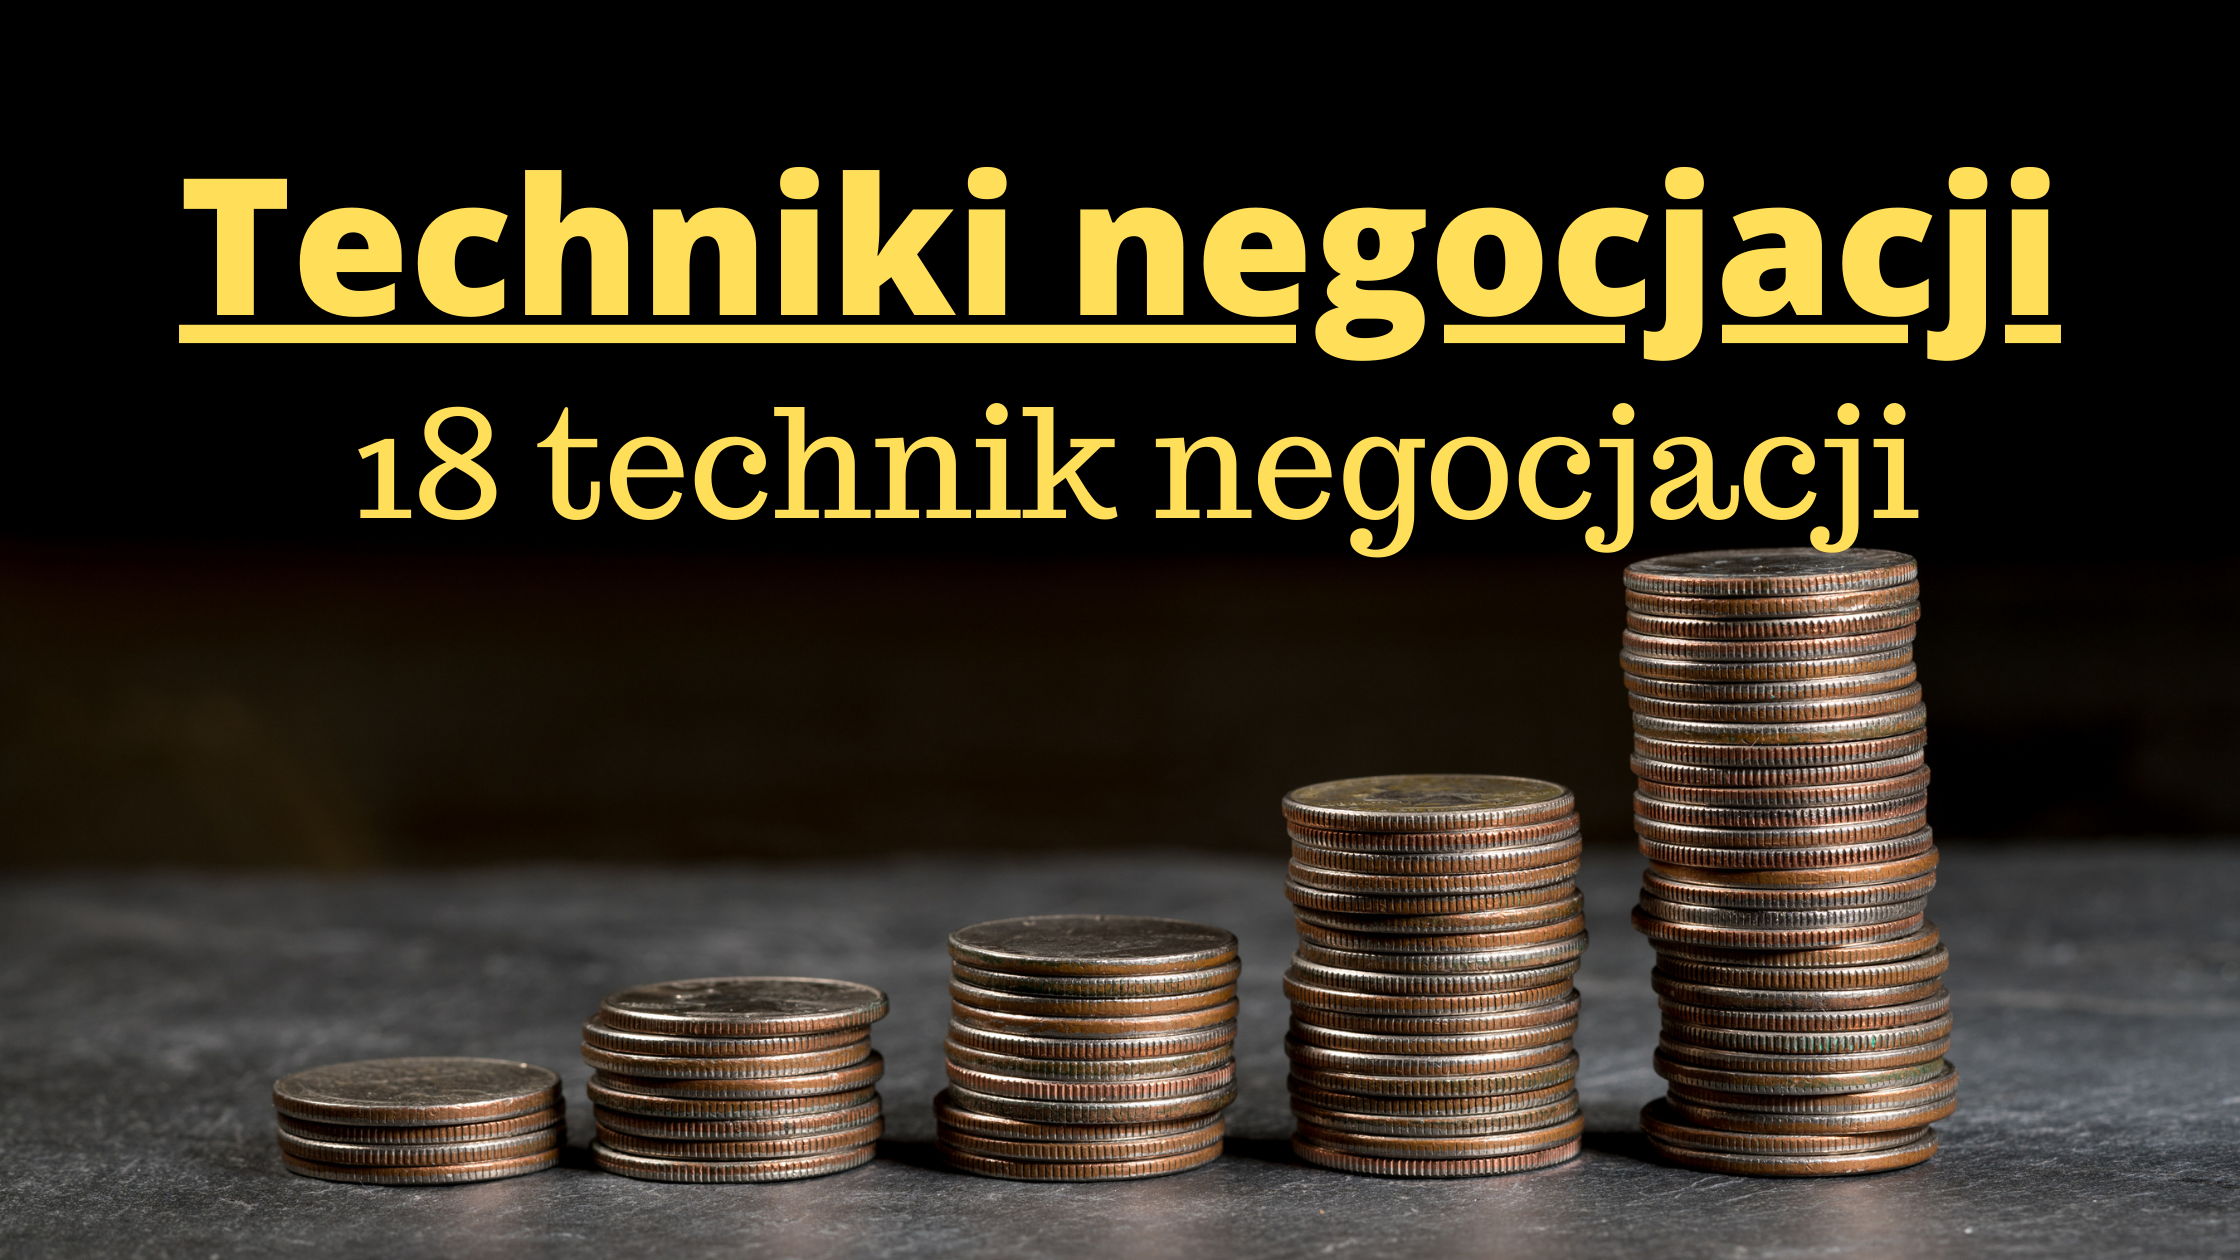 Techniki negocjacji- 18 technik negocjacji